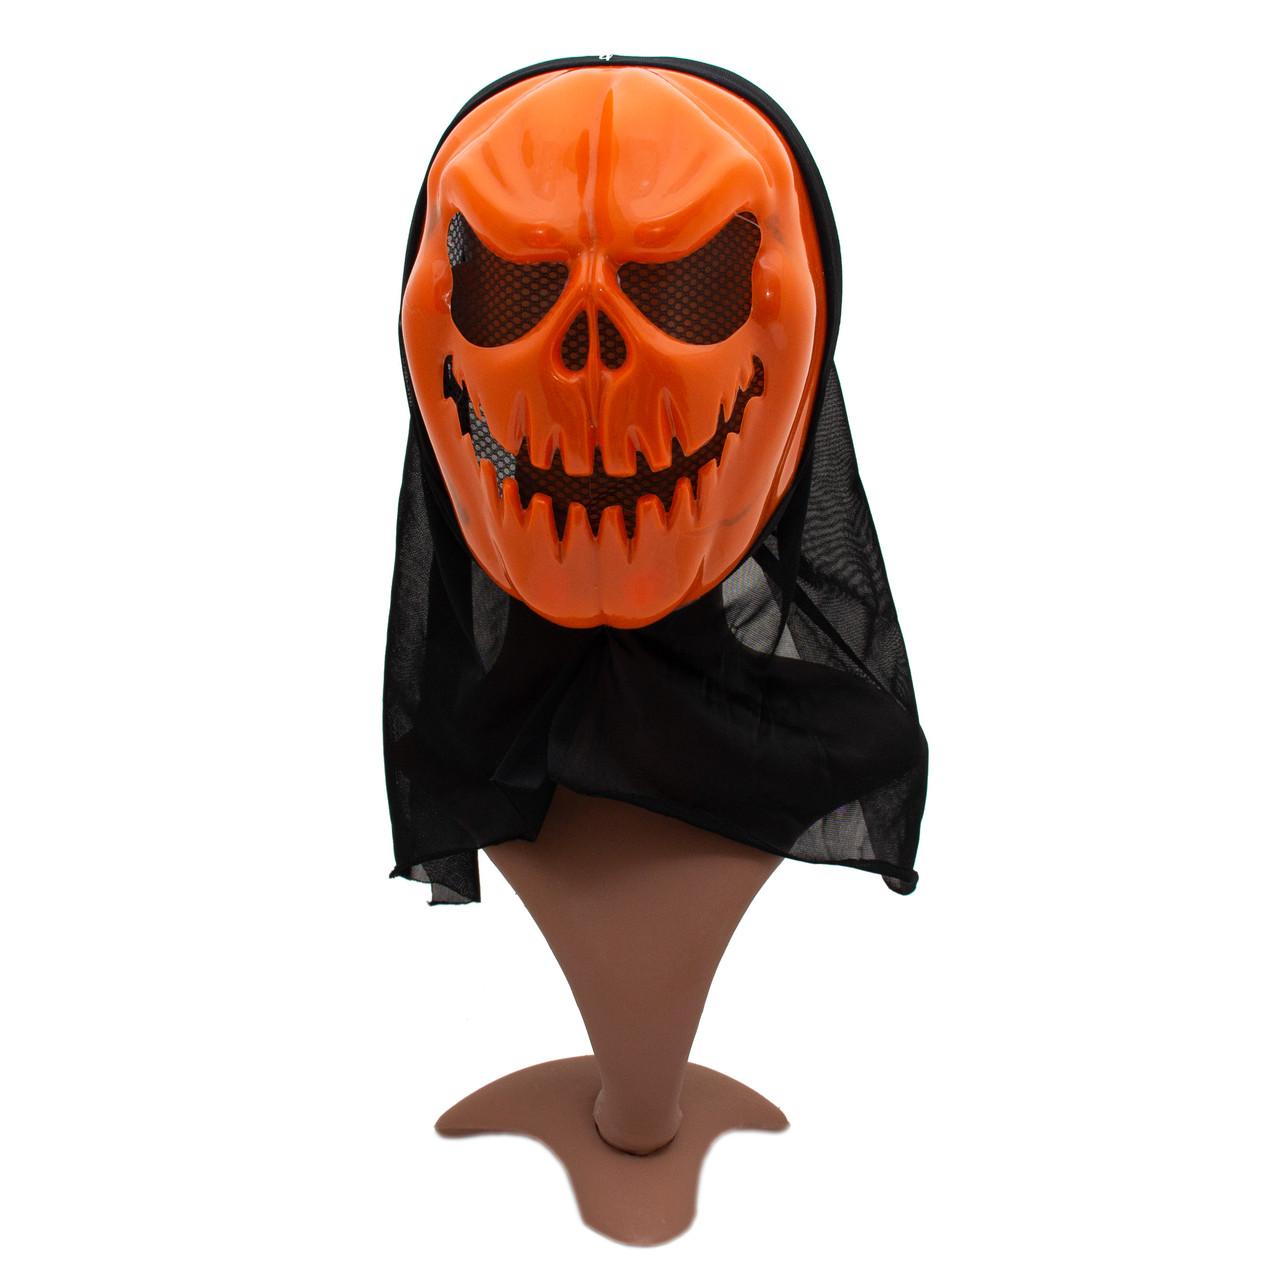 Карнавальная маска череп, 20*38 см, полиэстер, оранжевый (462537)